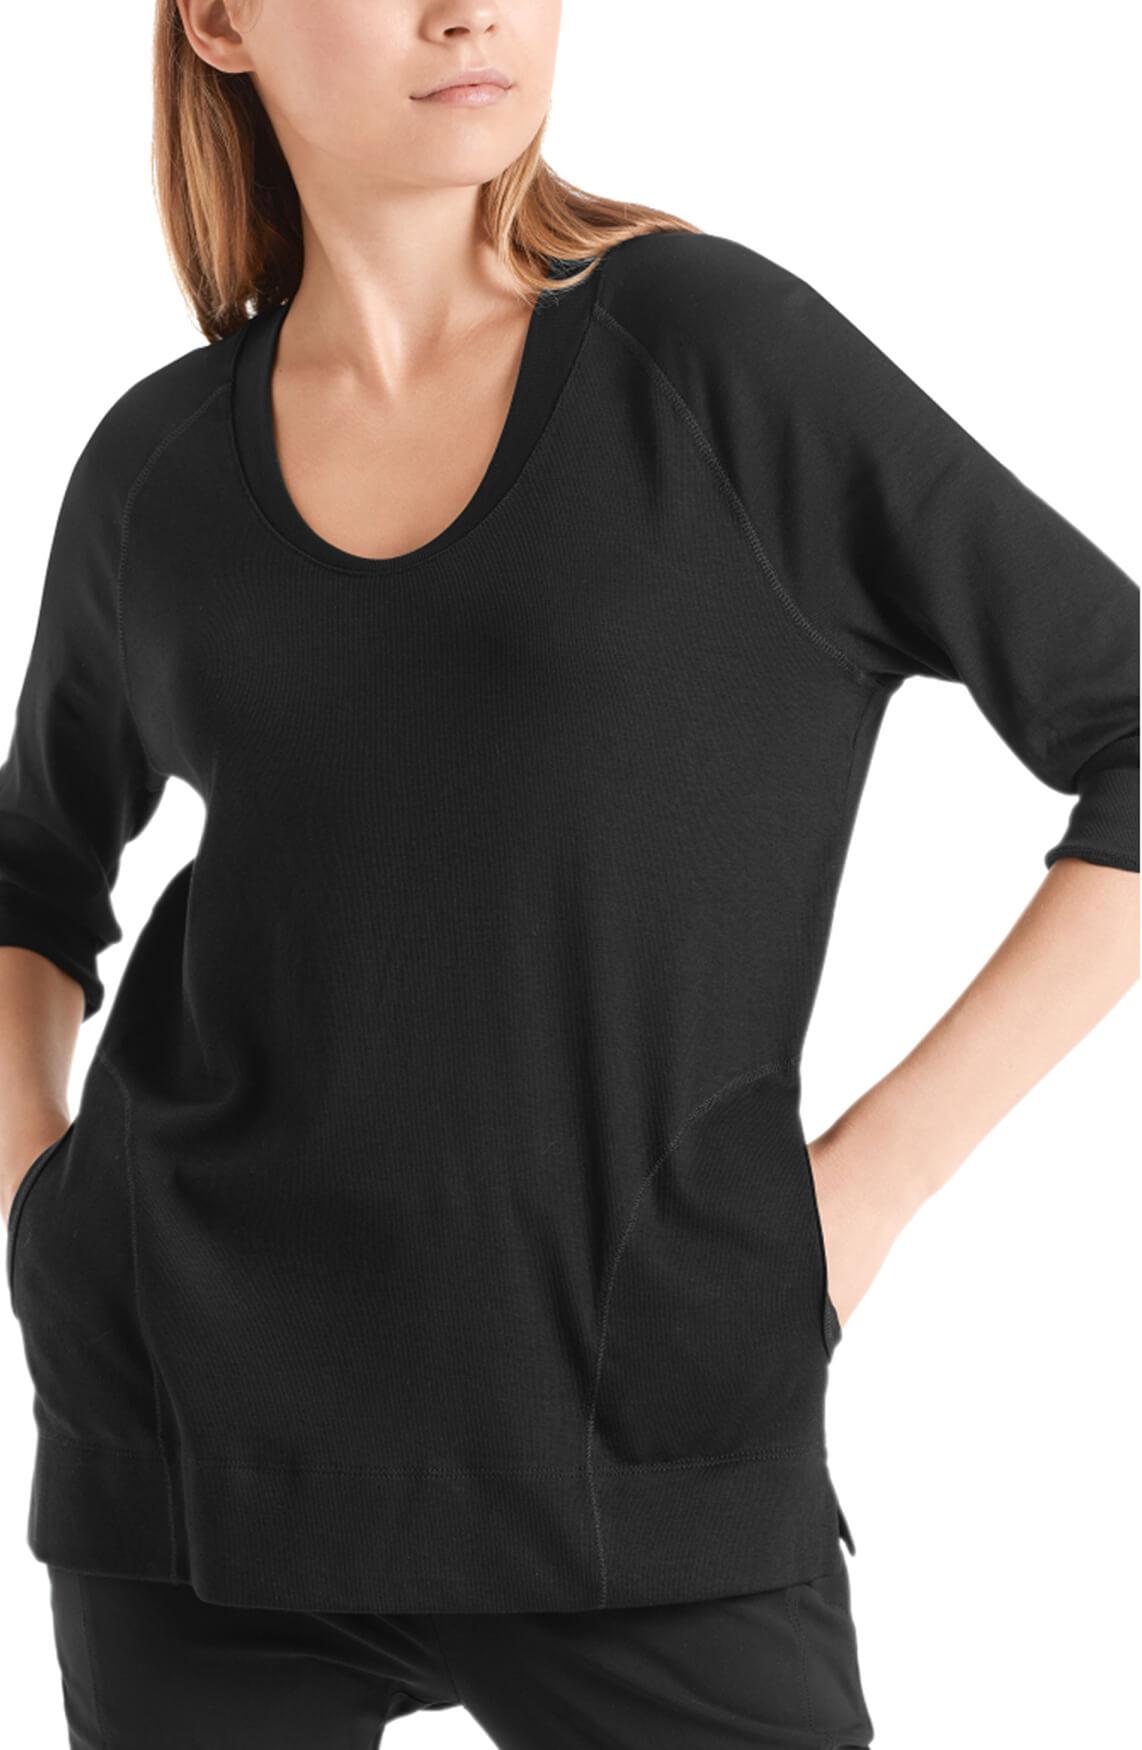 Marccain Sports Dames Sportief shirt zwart